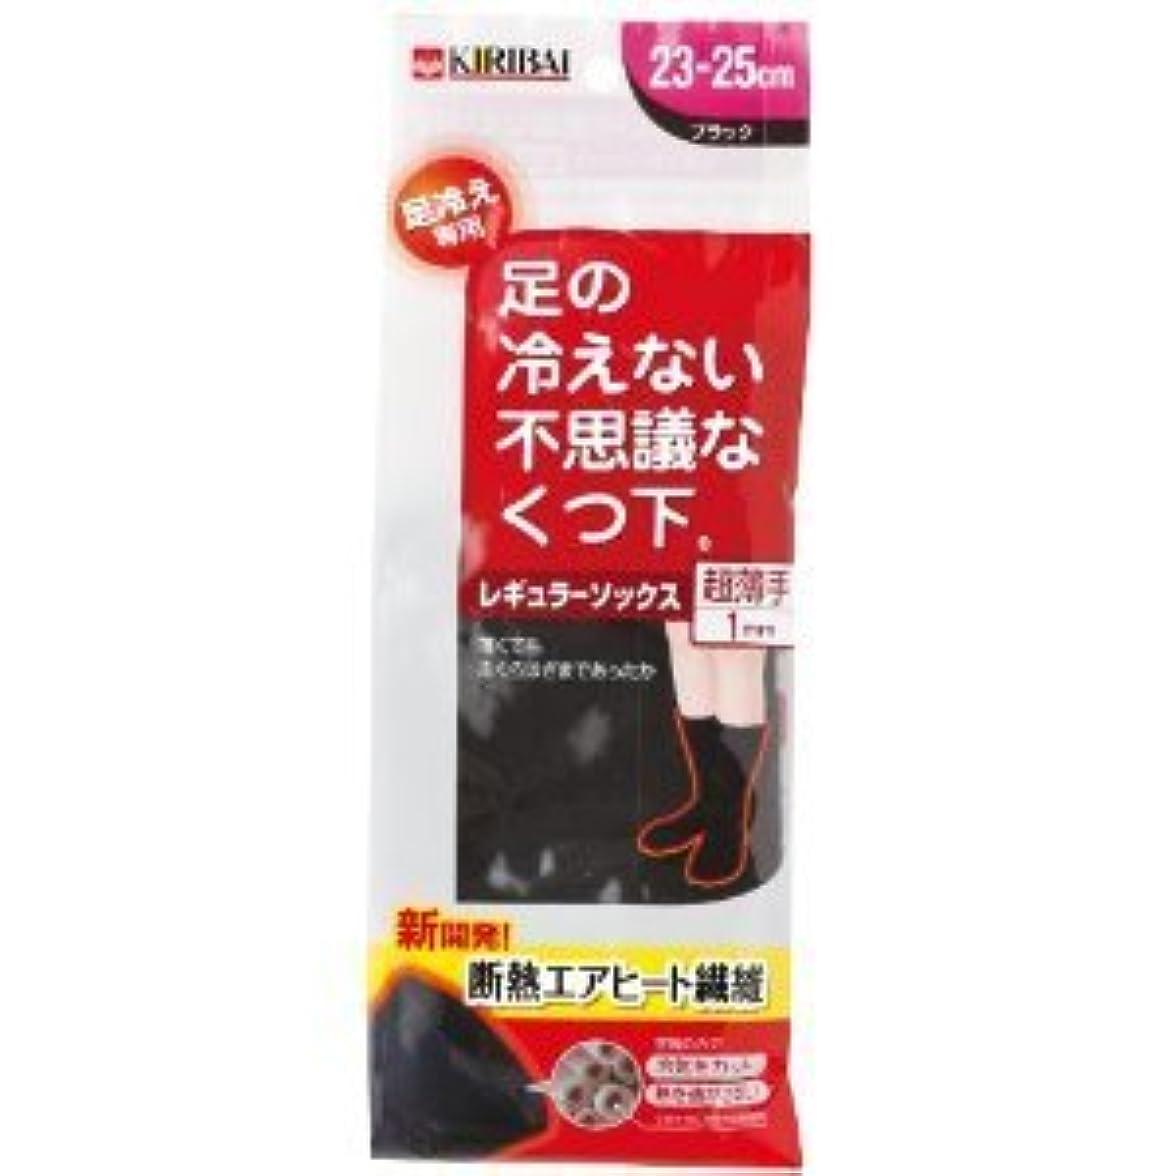 ペイン苦い推定足の冷えない不思議なくつ下 レギュラーソックス 超薄手 ブラック 23-25cm×2個